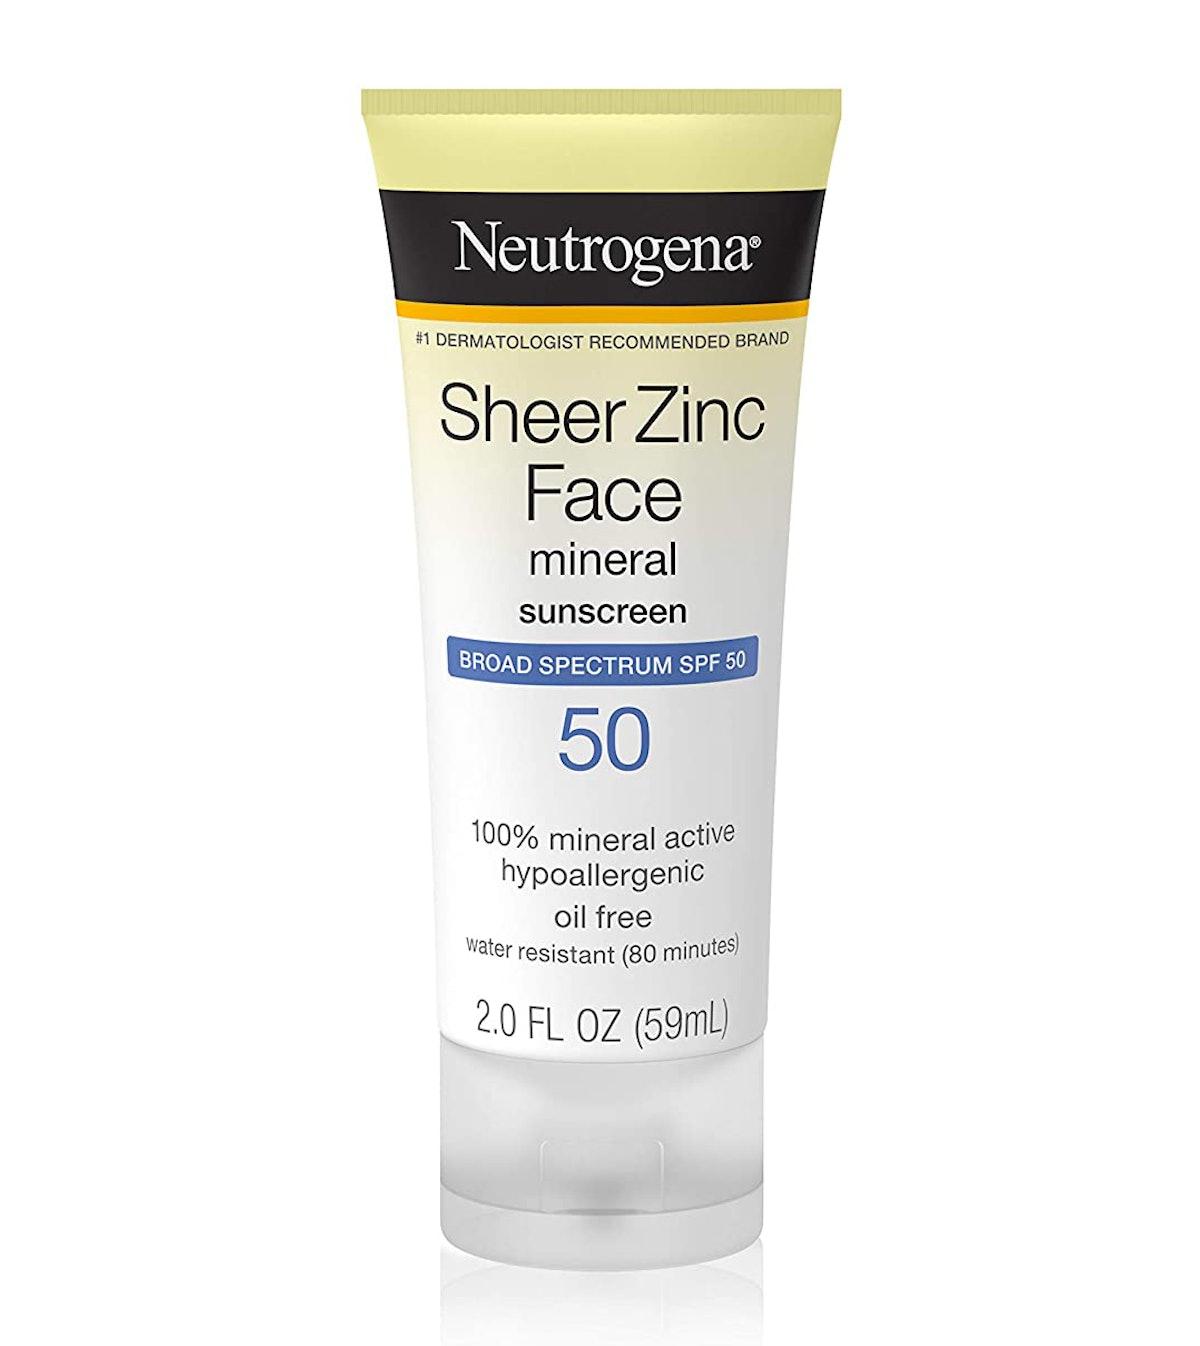 Neutrogena Sheer Zinc Face Mineral Sunscreen SPF 50